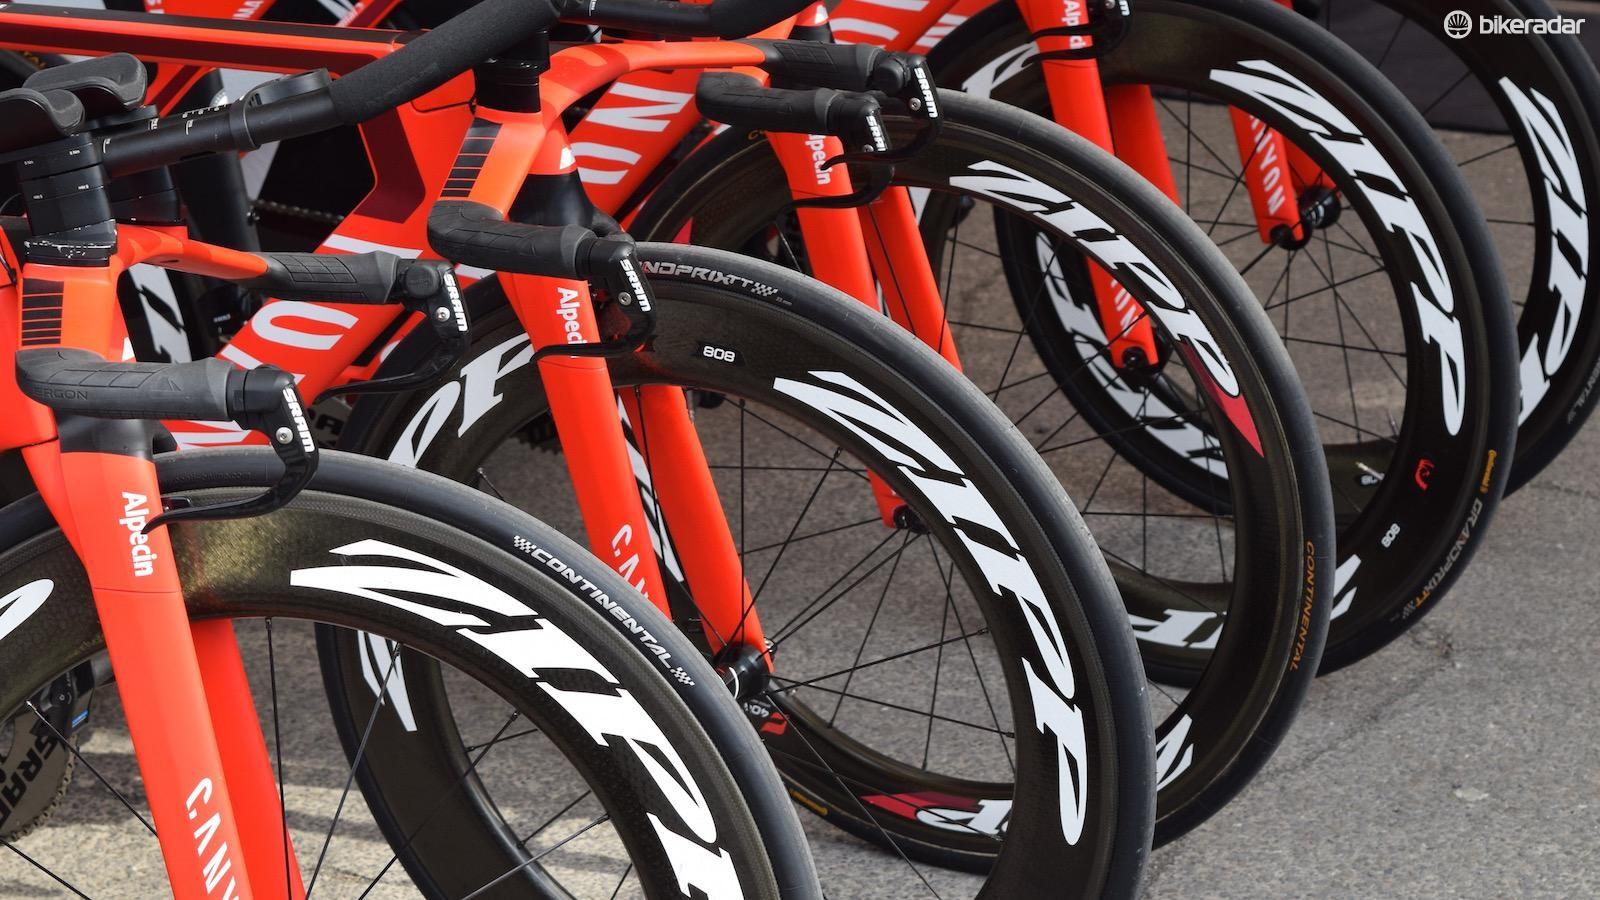 Zipp 808 front wheels all round at Katusha-Alpecin